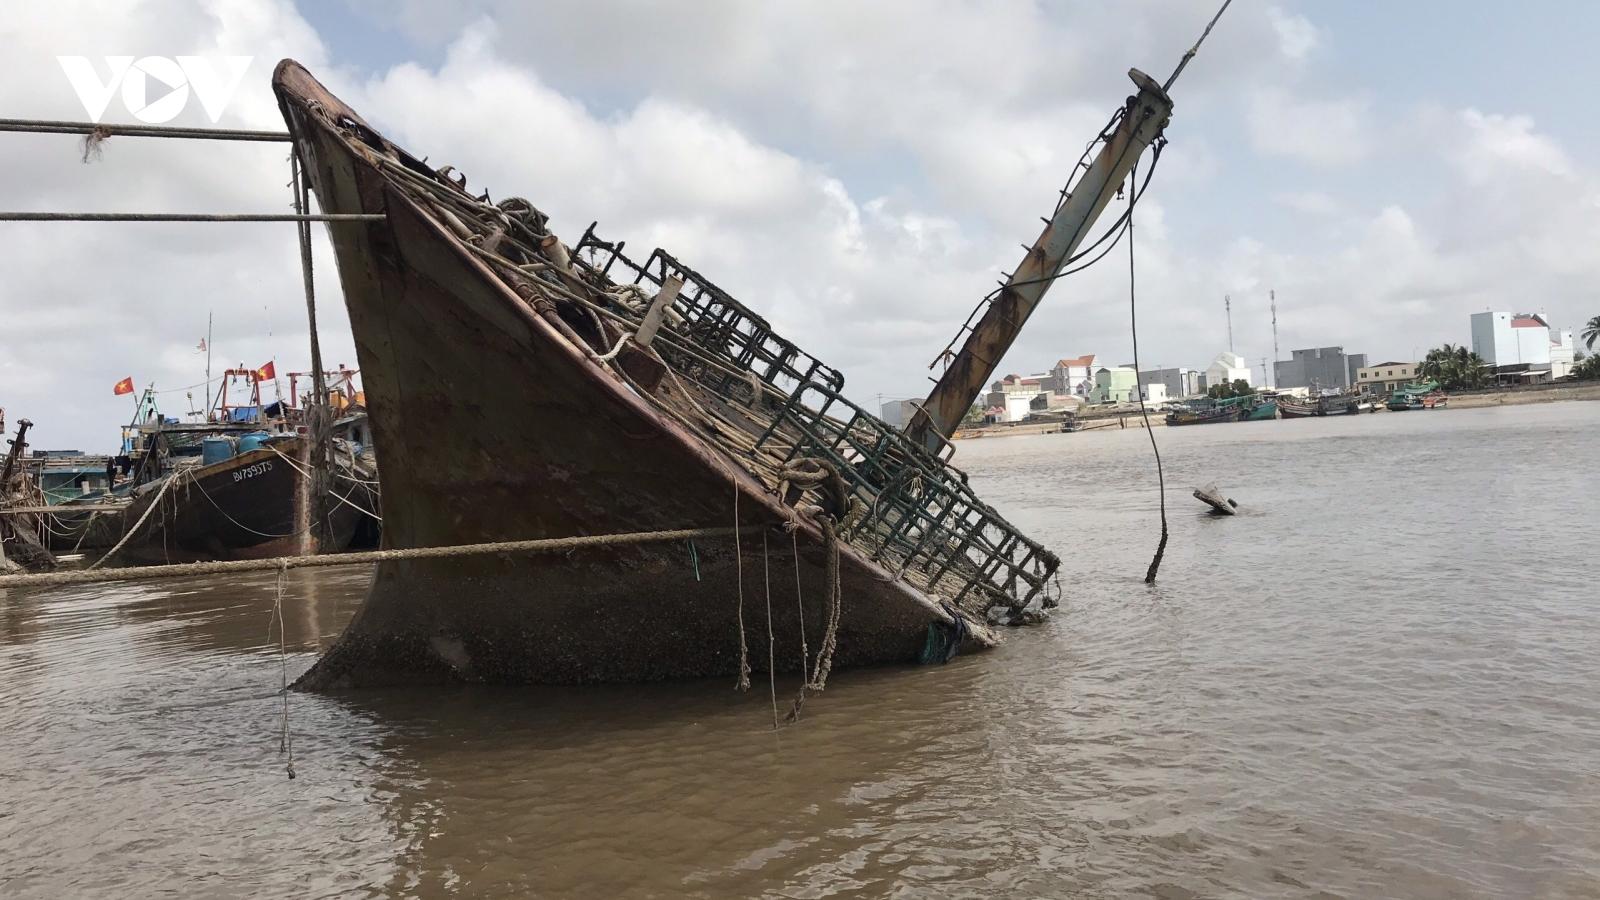 """Thông tin """"Xác tàu có chữ nước ngoài tấp vào bờ biển Gành Hào"""" là không đúng"""